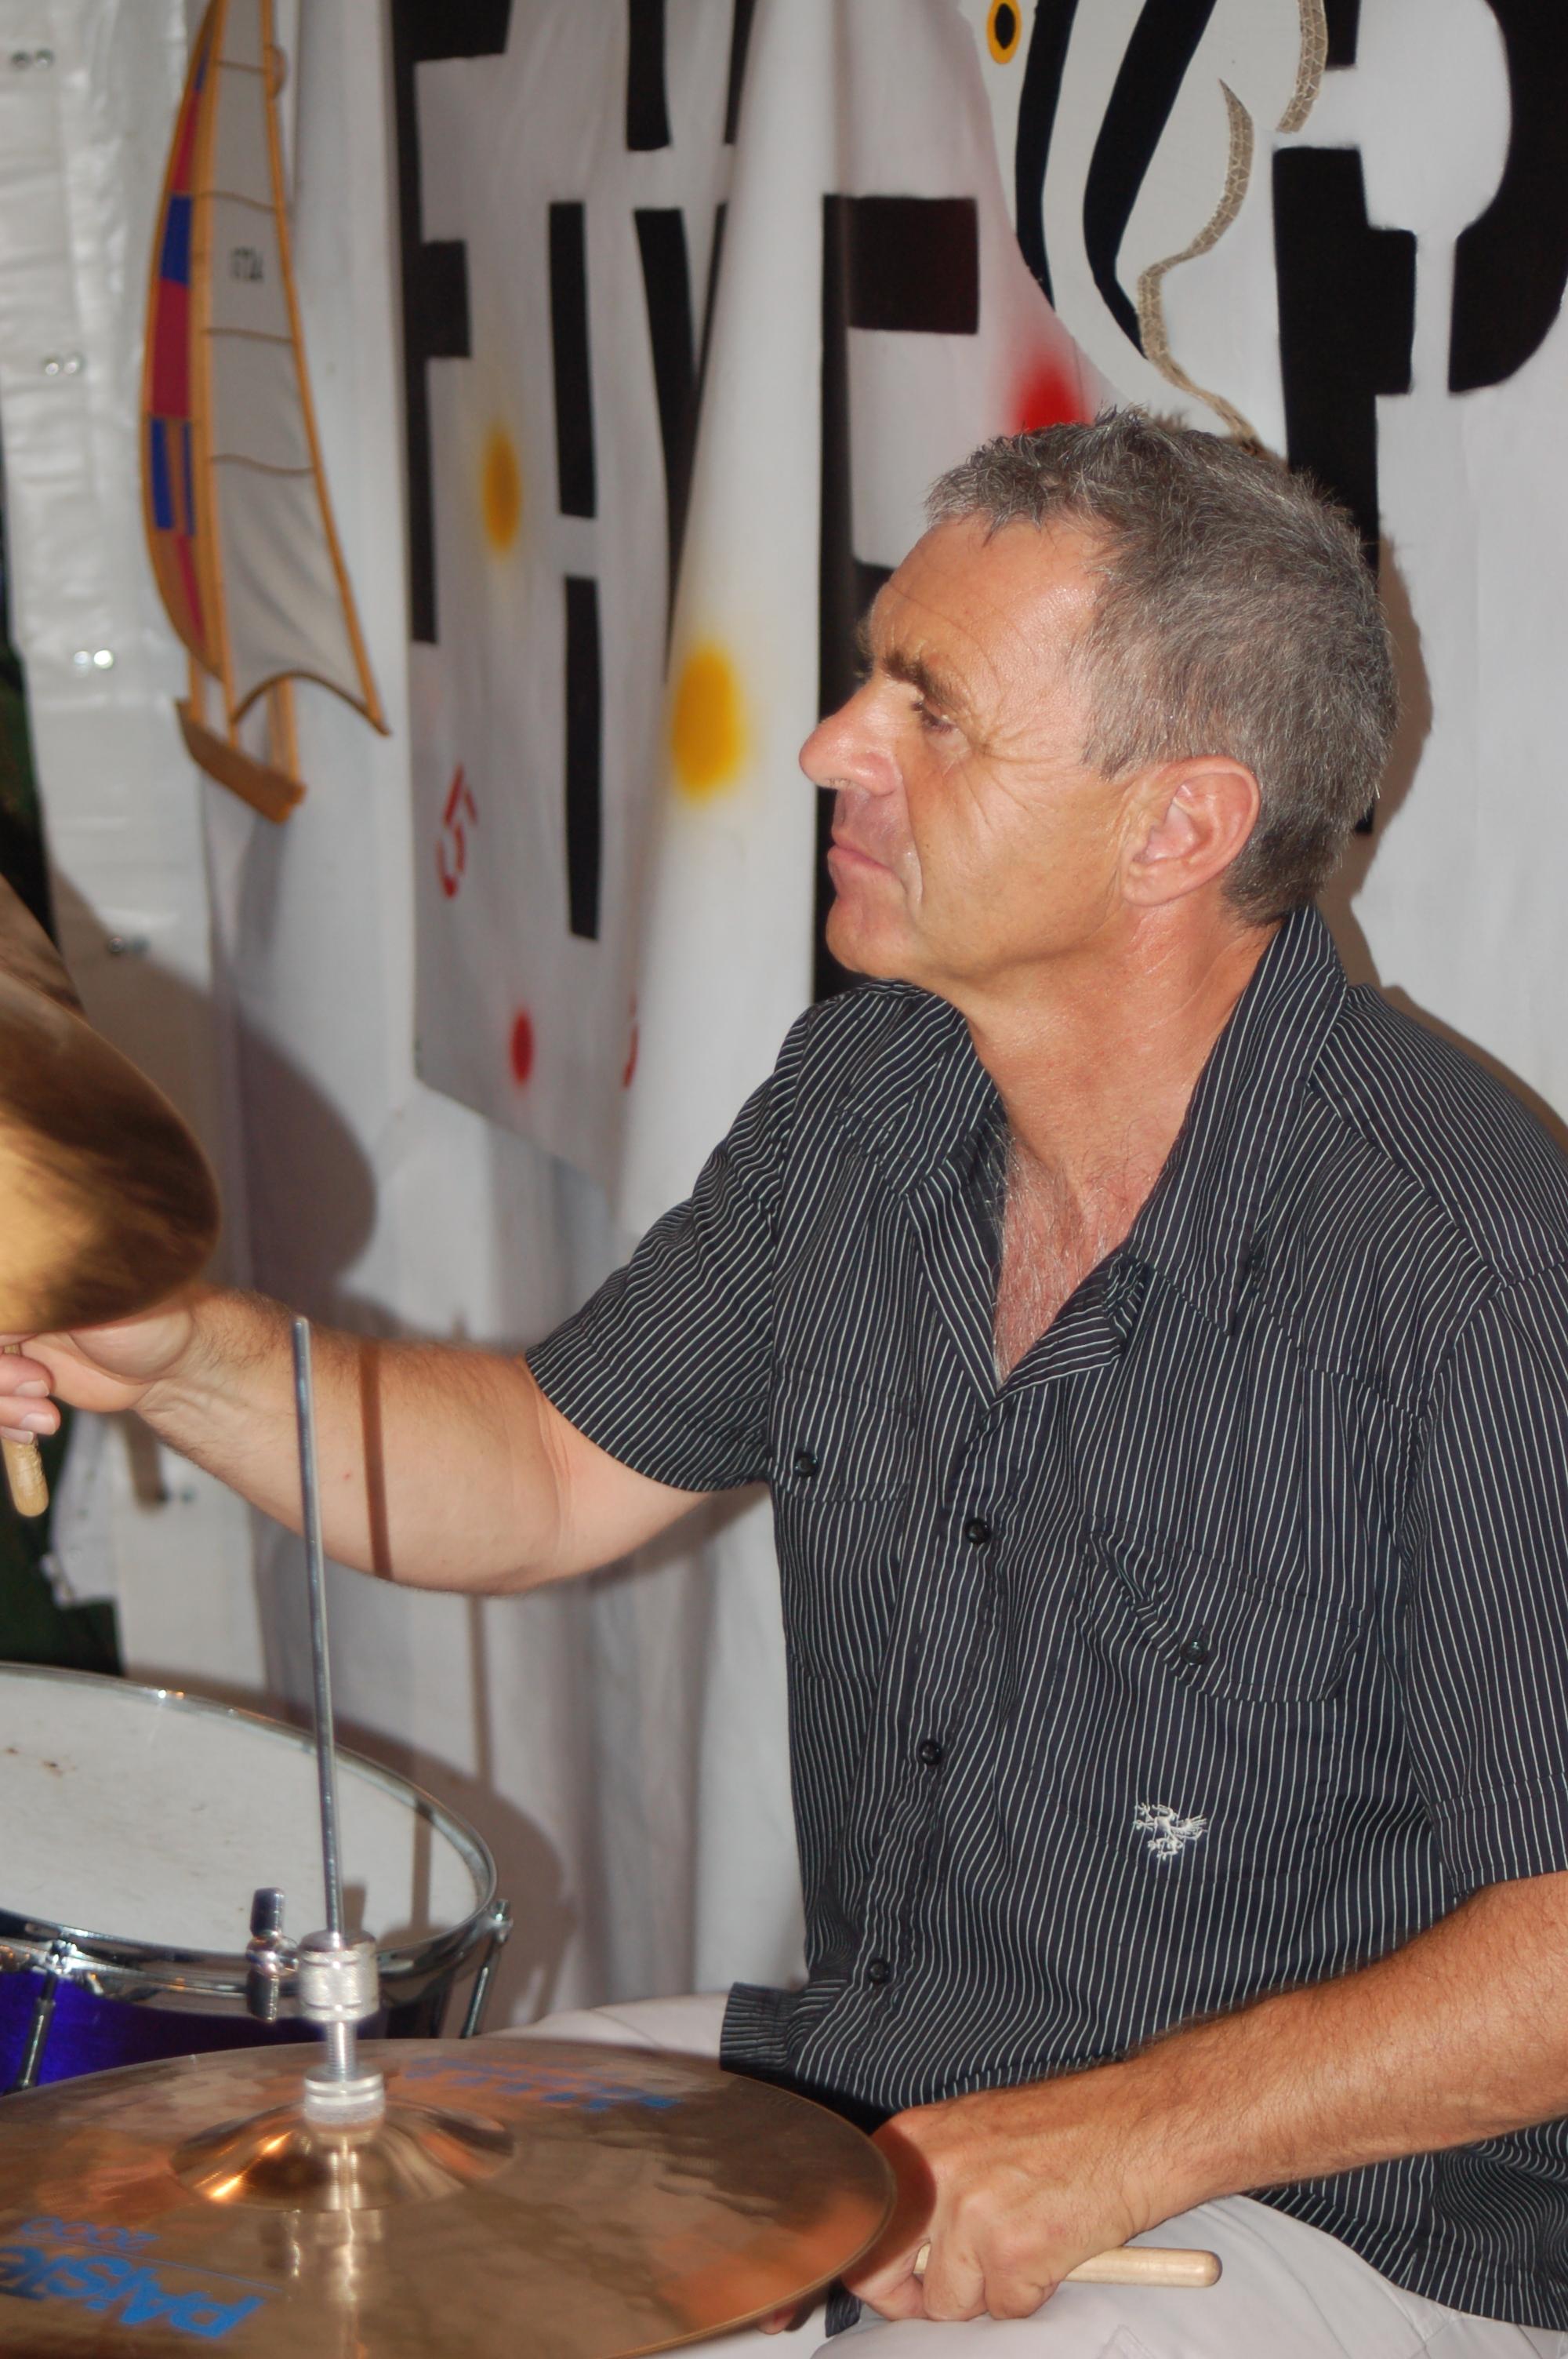 igf-hafenfest-brunnen-2009-11